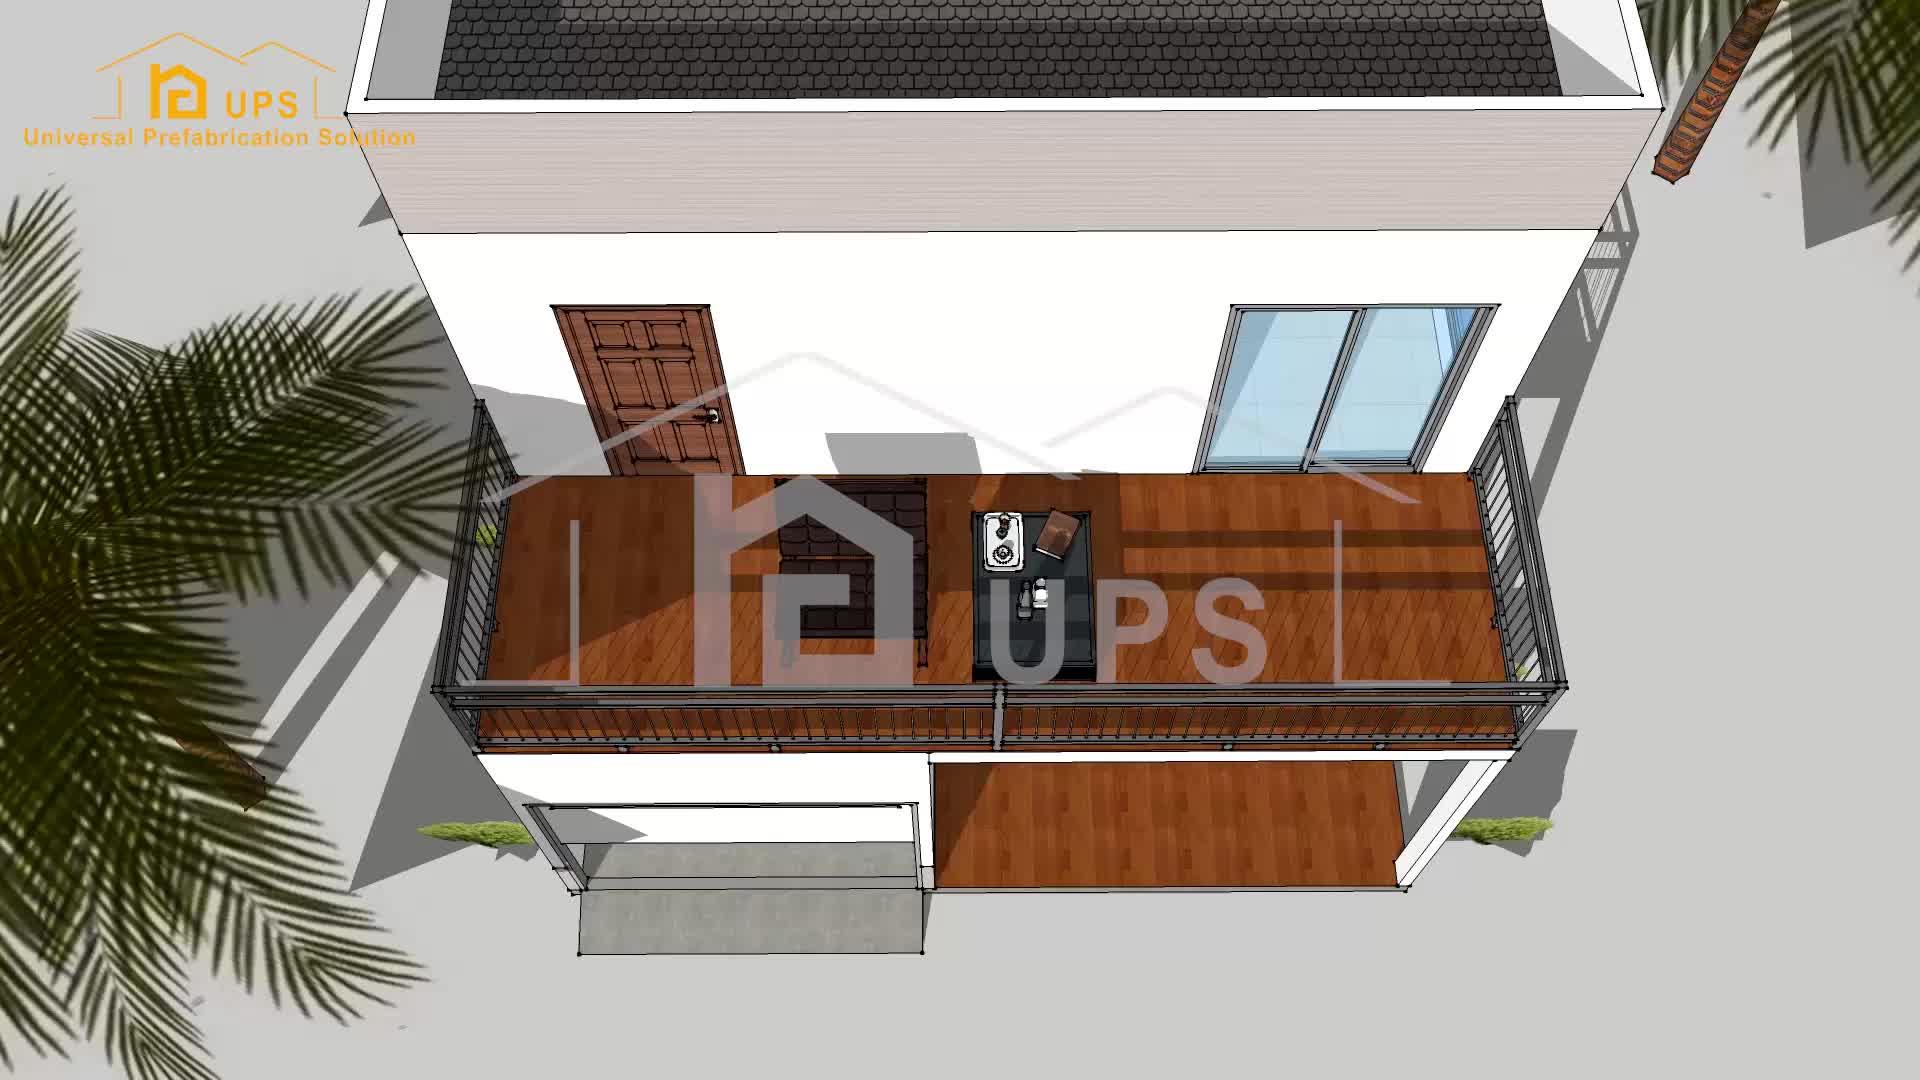 UPS 2020 قبل الهندسة الجديدة رغوة لوحة إسمنتية عازلة بناء مشاريع البناء ليبيا